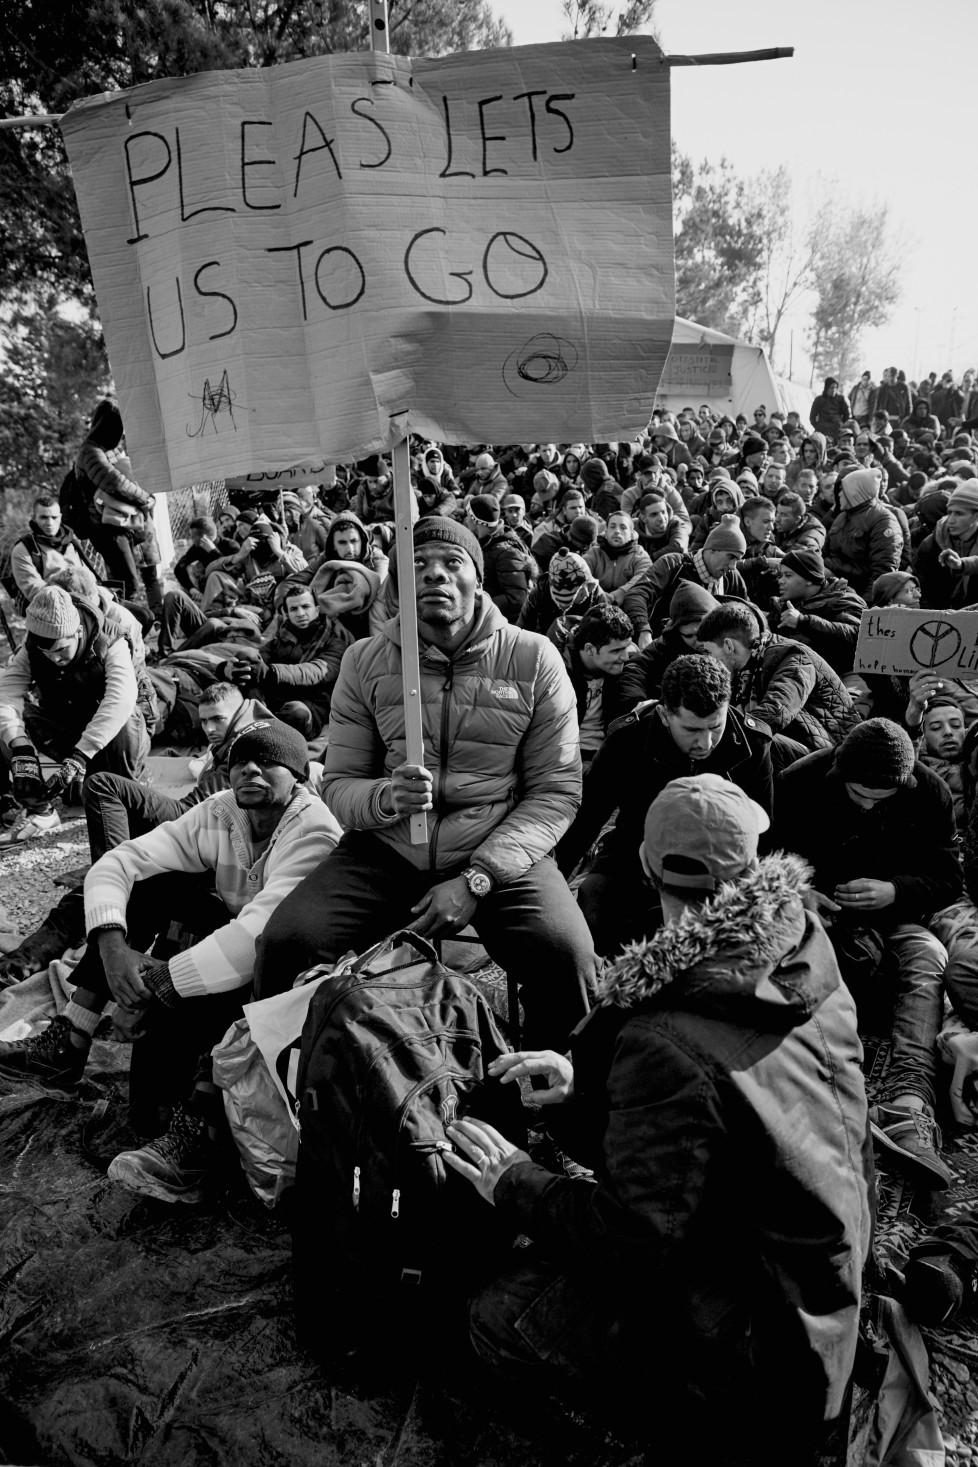 Flüchtlinge die im Camp in Idomeni festsitzen , wenn sie nicht aus Syrien, Afgahnistan oder dem Irak stammen . Menschen protestieren friedlich gegen das aufgehlaten werden mit Kartonschildern . Zu dem Zeitpunkt war die gesamte Balkanroute geschlossen .